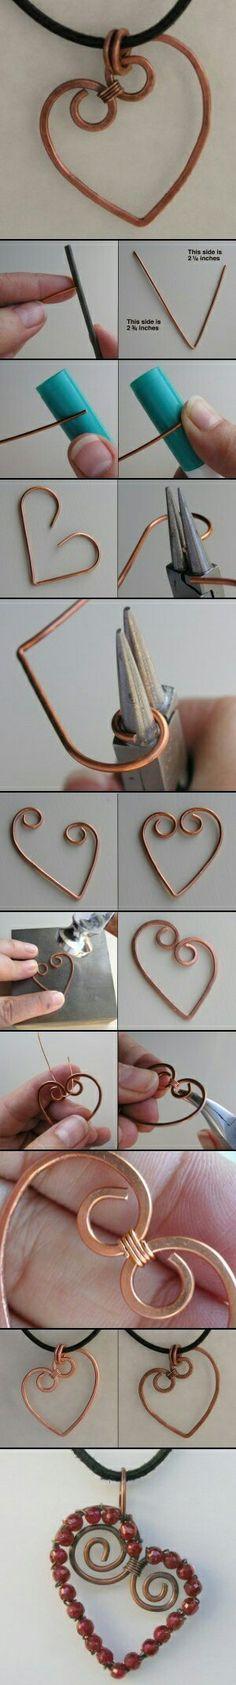 How to make a heart pendant with wire ** DIY Tutorial ** Como hacer un dije de corazon con alambre Copper Jewelry, Wire Jewelry, Beaded Jewelry, Jewelry Necklaces, Handmade Jewelry, Diy Jewellery, Jewlery, Jewellery Making, Tanishq Jewellery